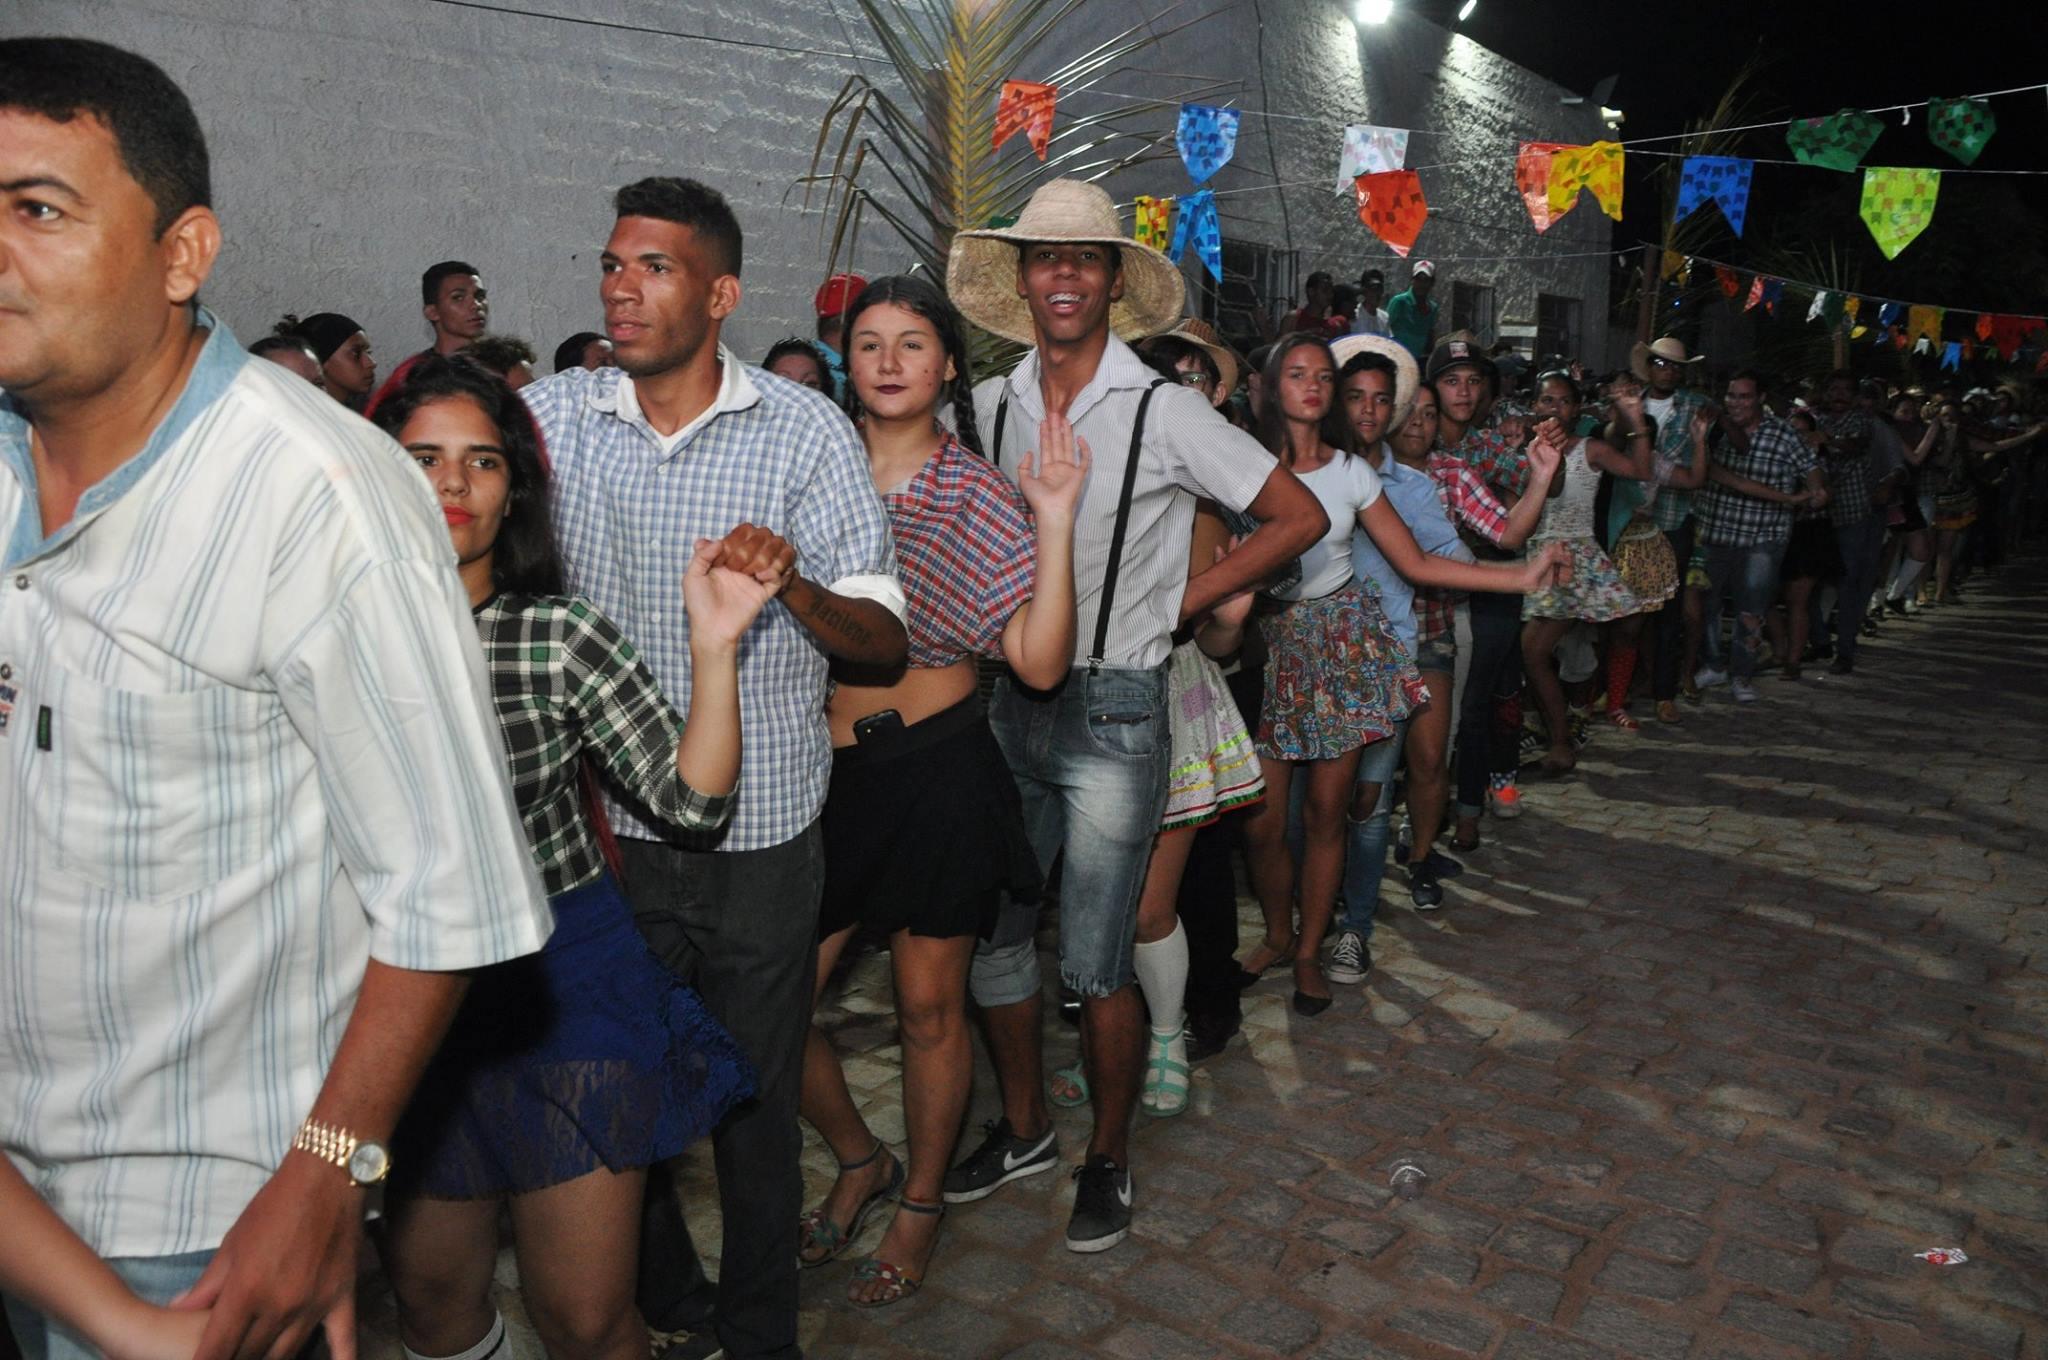 19221429_1899329500340240_840186556991098557_o-1024x680 OPIPOCO mostra como foi a Segunda noite do festival de quadrilhas em Monteiro. Confira Imagens